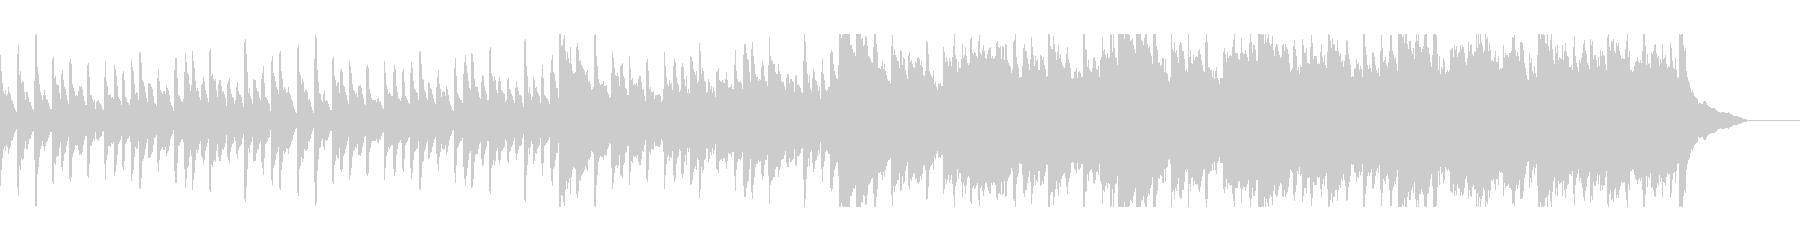 絶望/失望/苦痛:ピアノアンビエントの未再生の波形